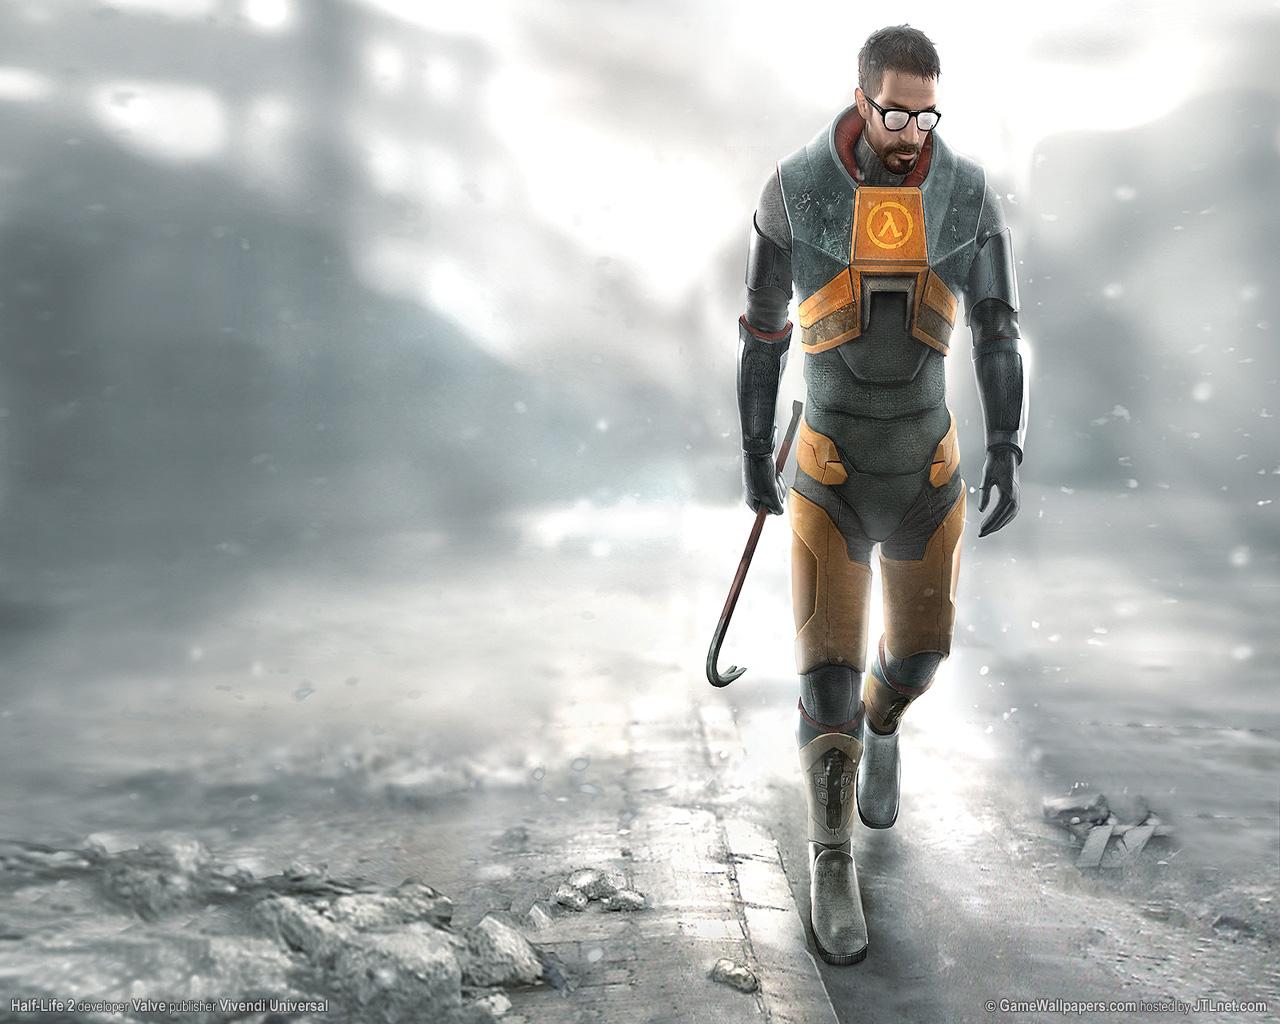 Гордон домой идет усталый - Half-Life 2 Гордон Фримен